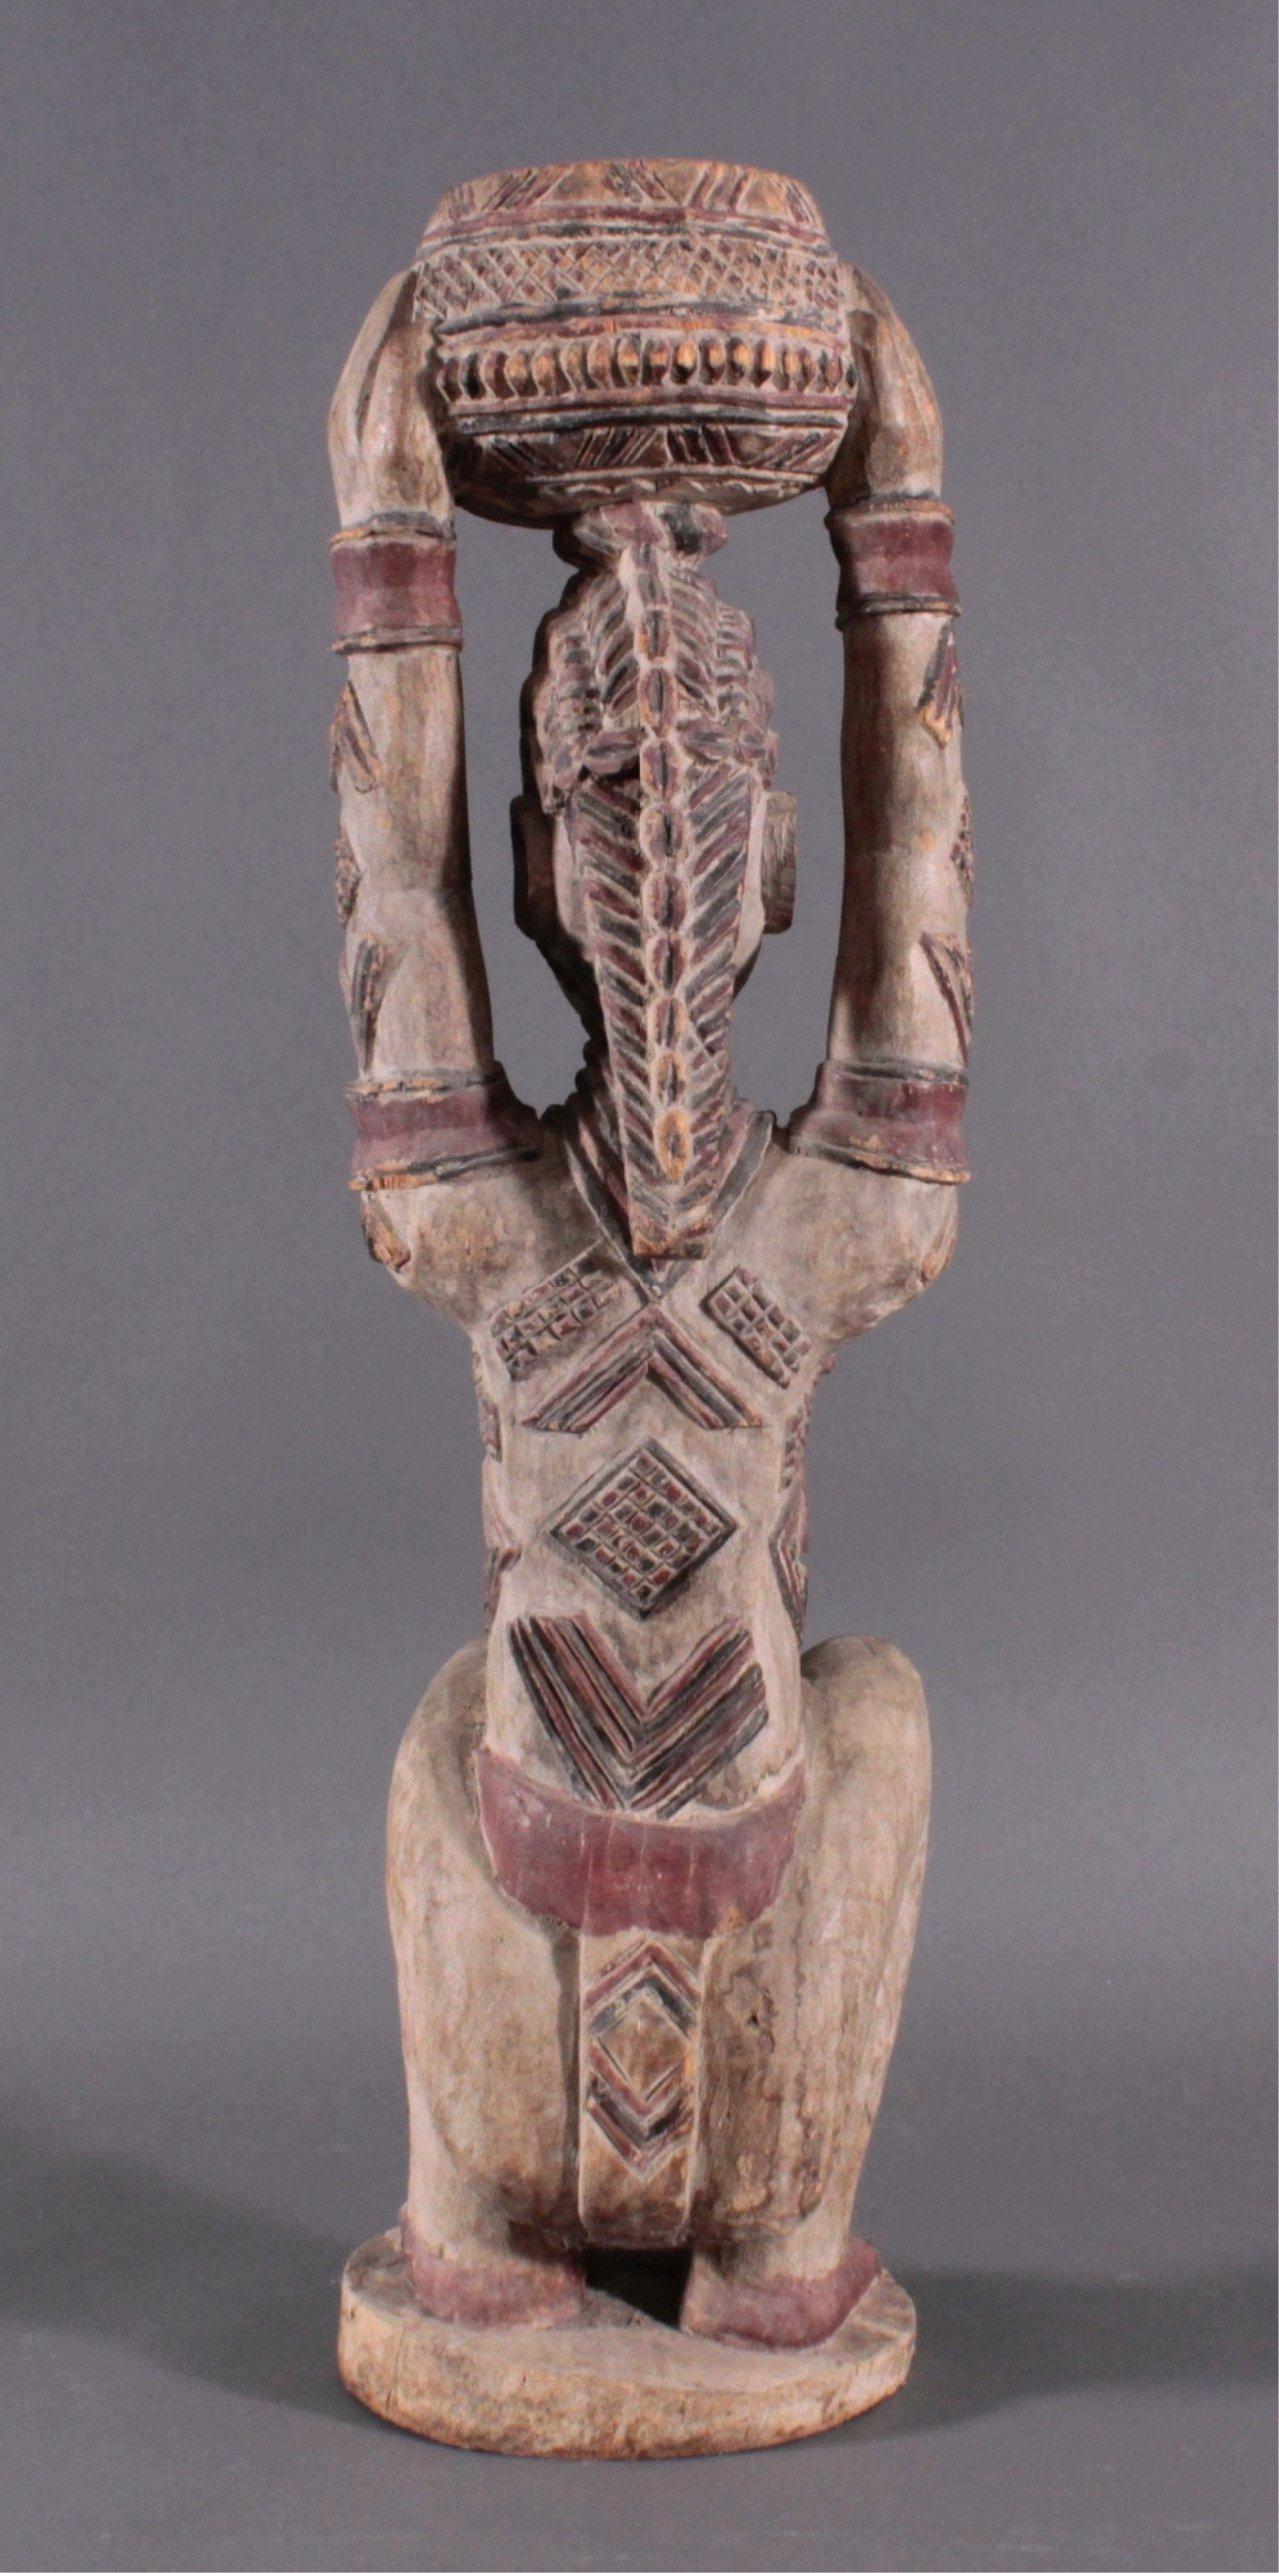 Weibliche Figur Afrika, 1. Häfte 20. Jahrhundert-2